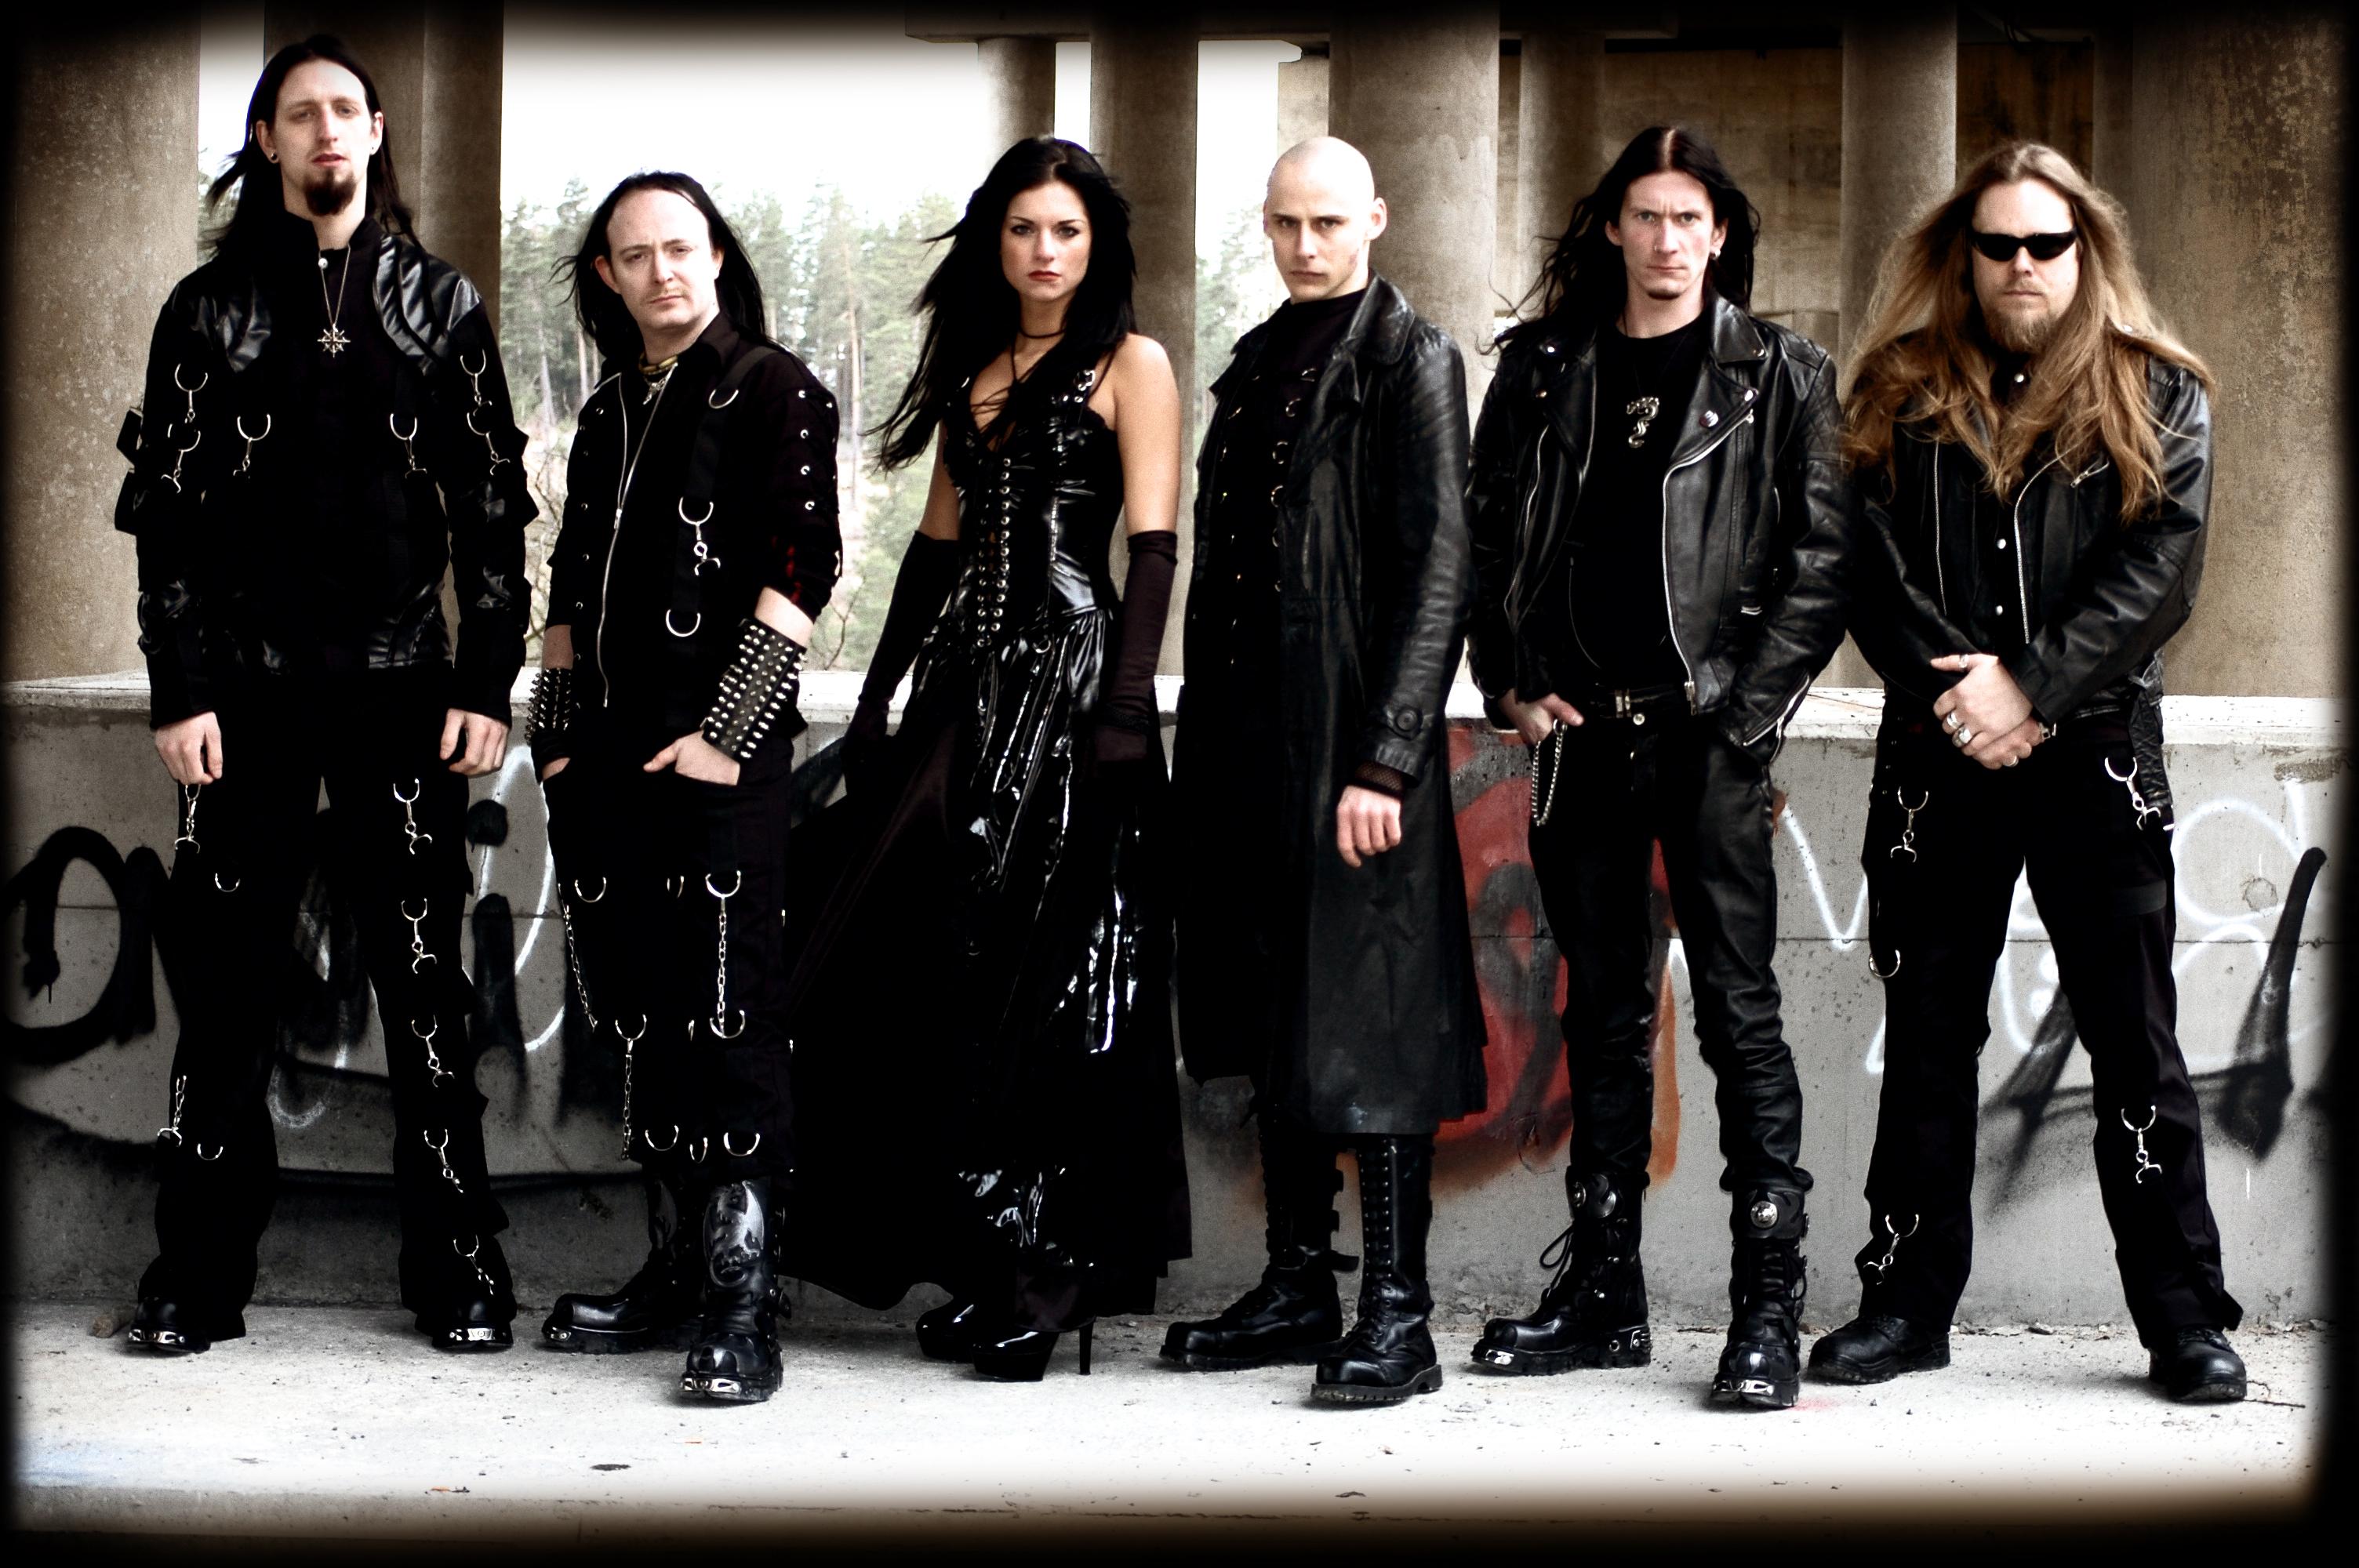 Metal band mit sängerin